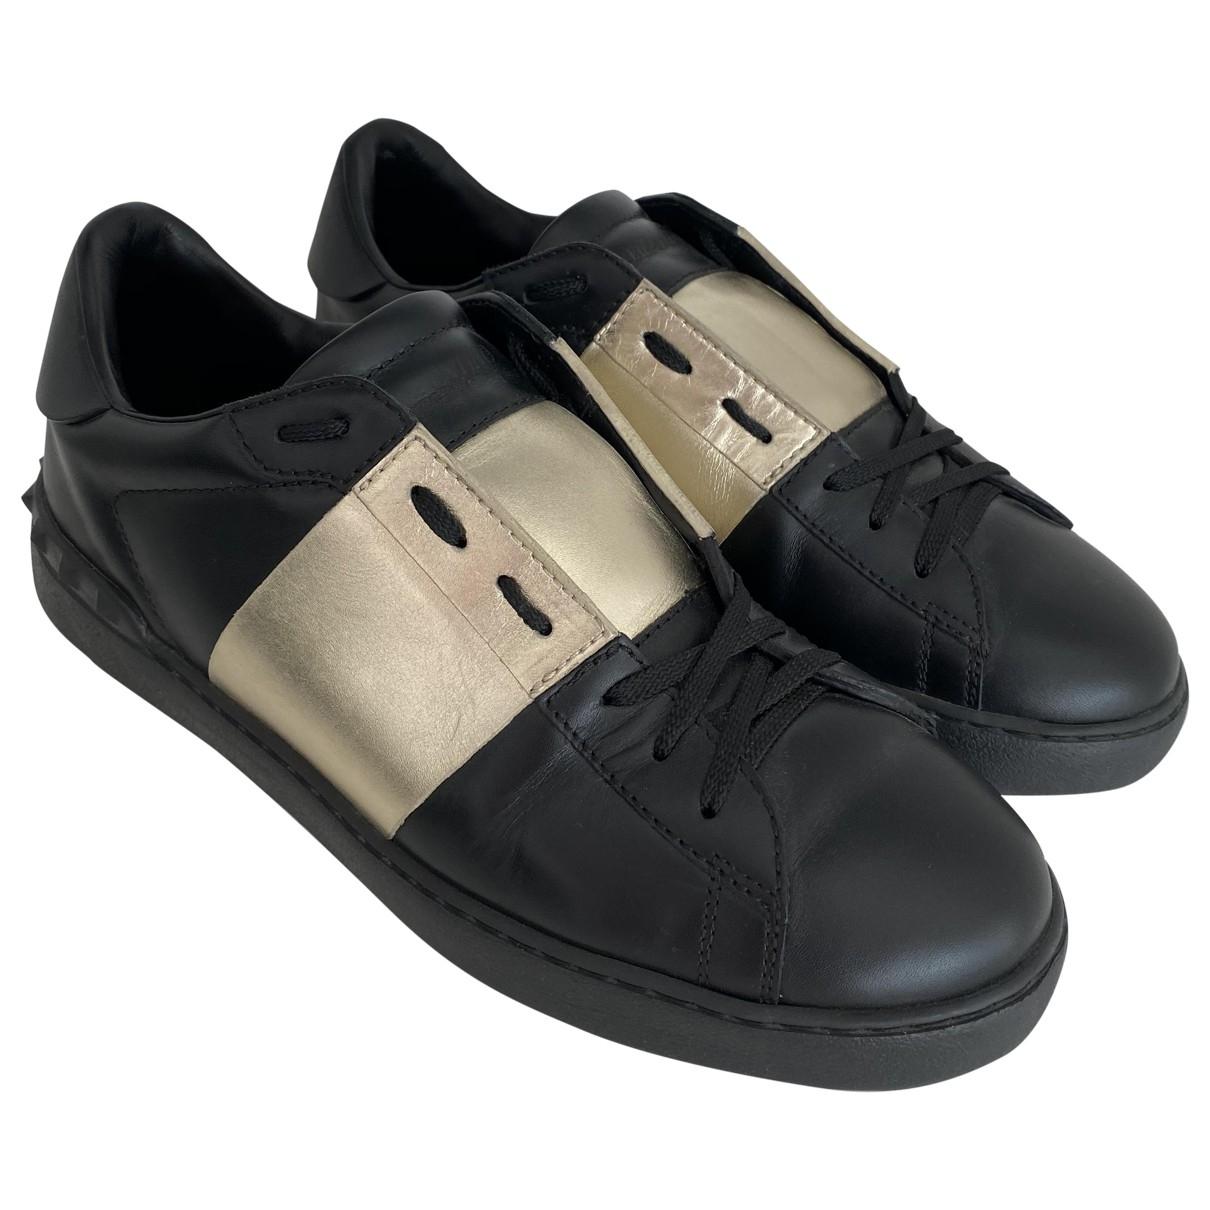 Valentino Garavani - Baskets Rockstud pour homme en cuir - noir